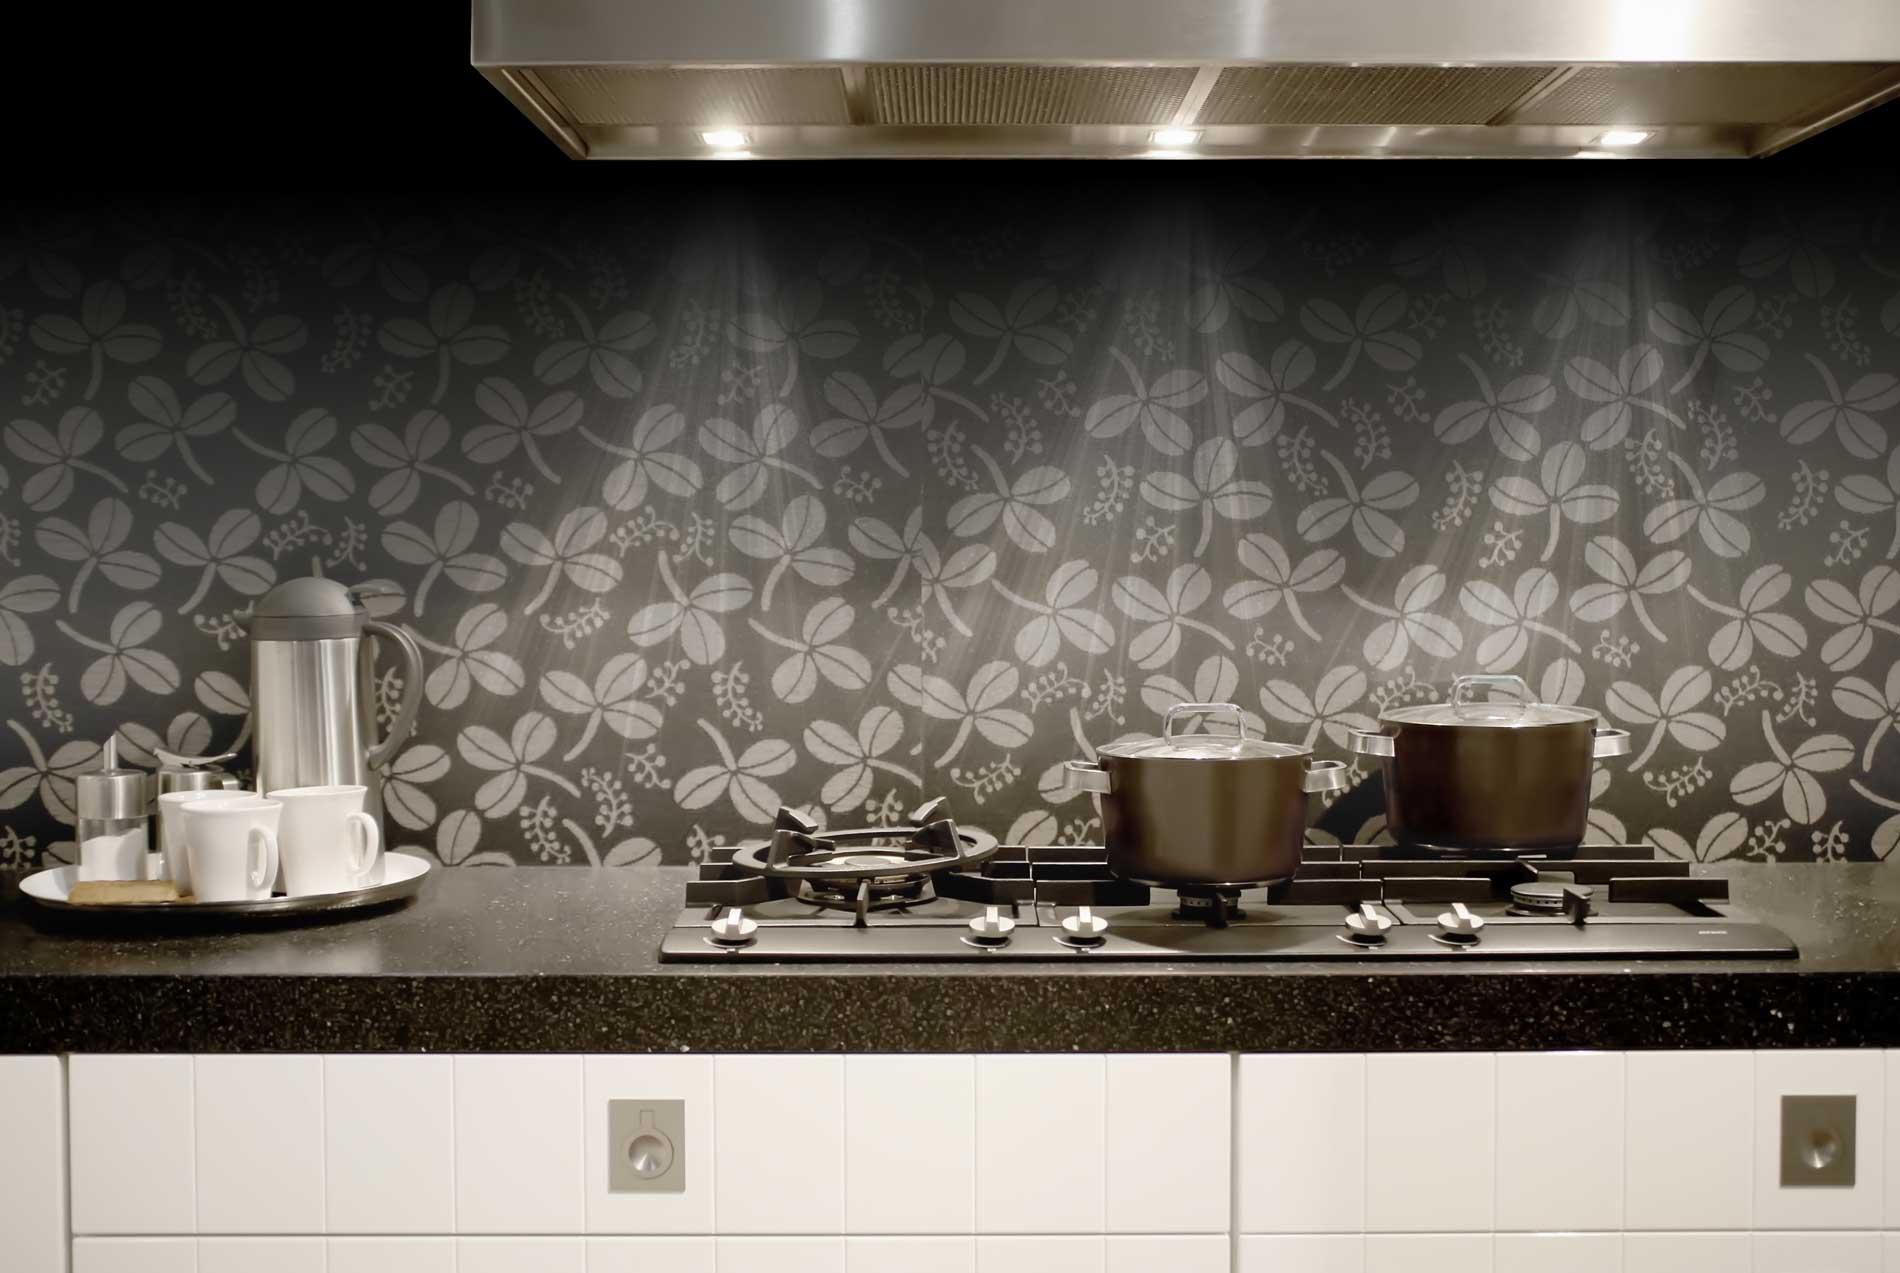 Keuken renoveren of nieuwe keuken